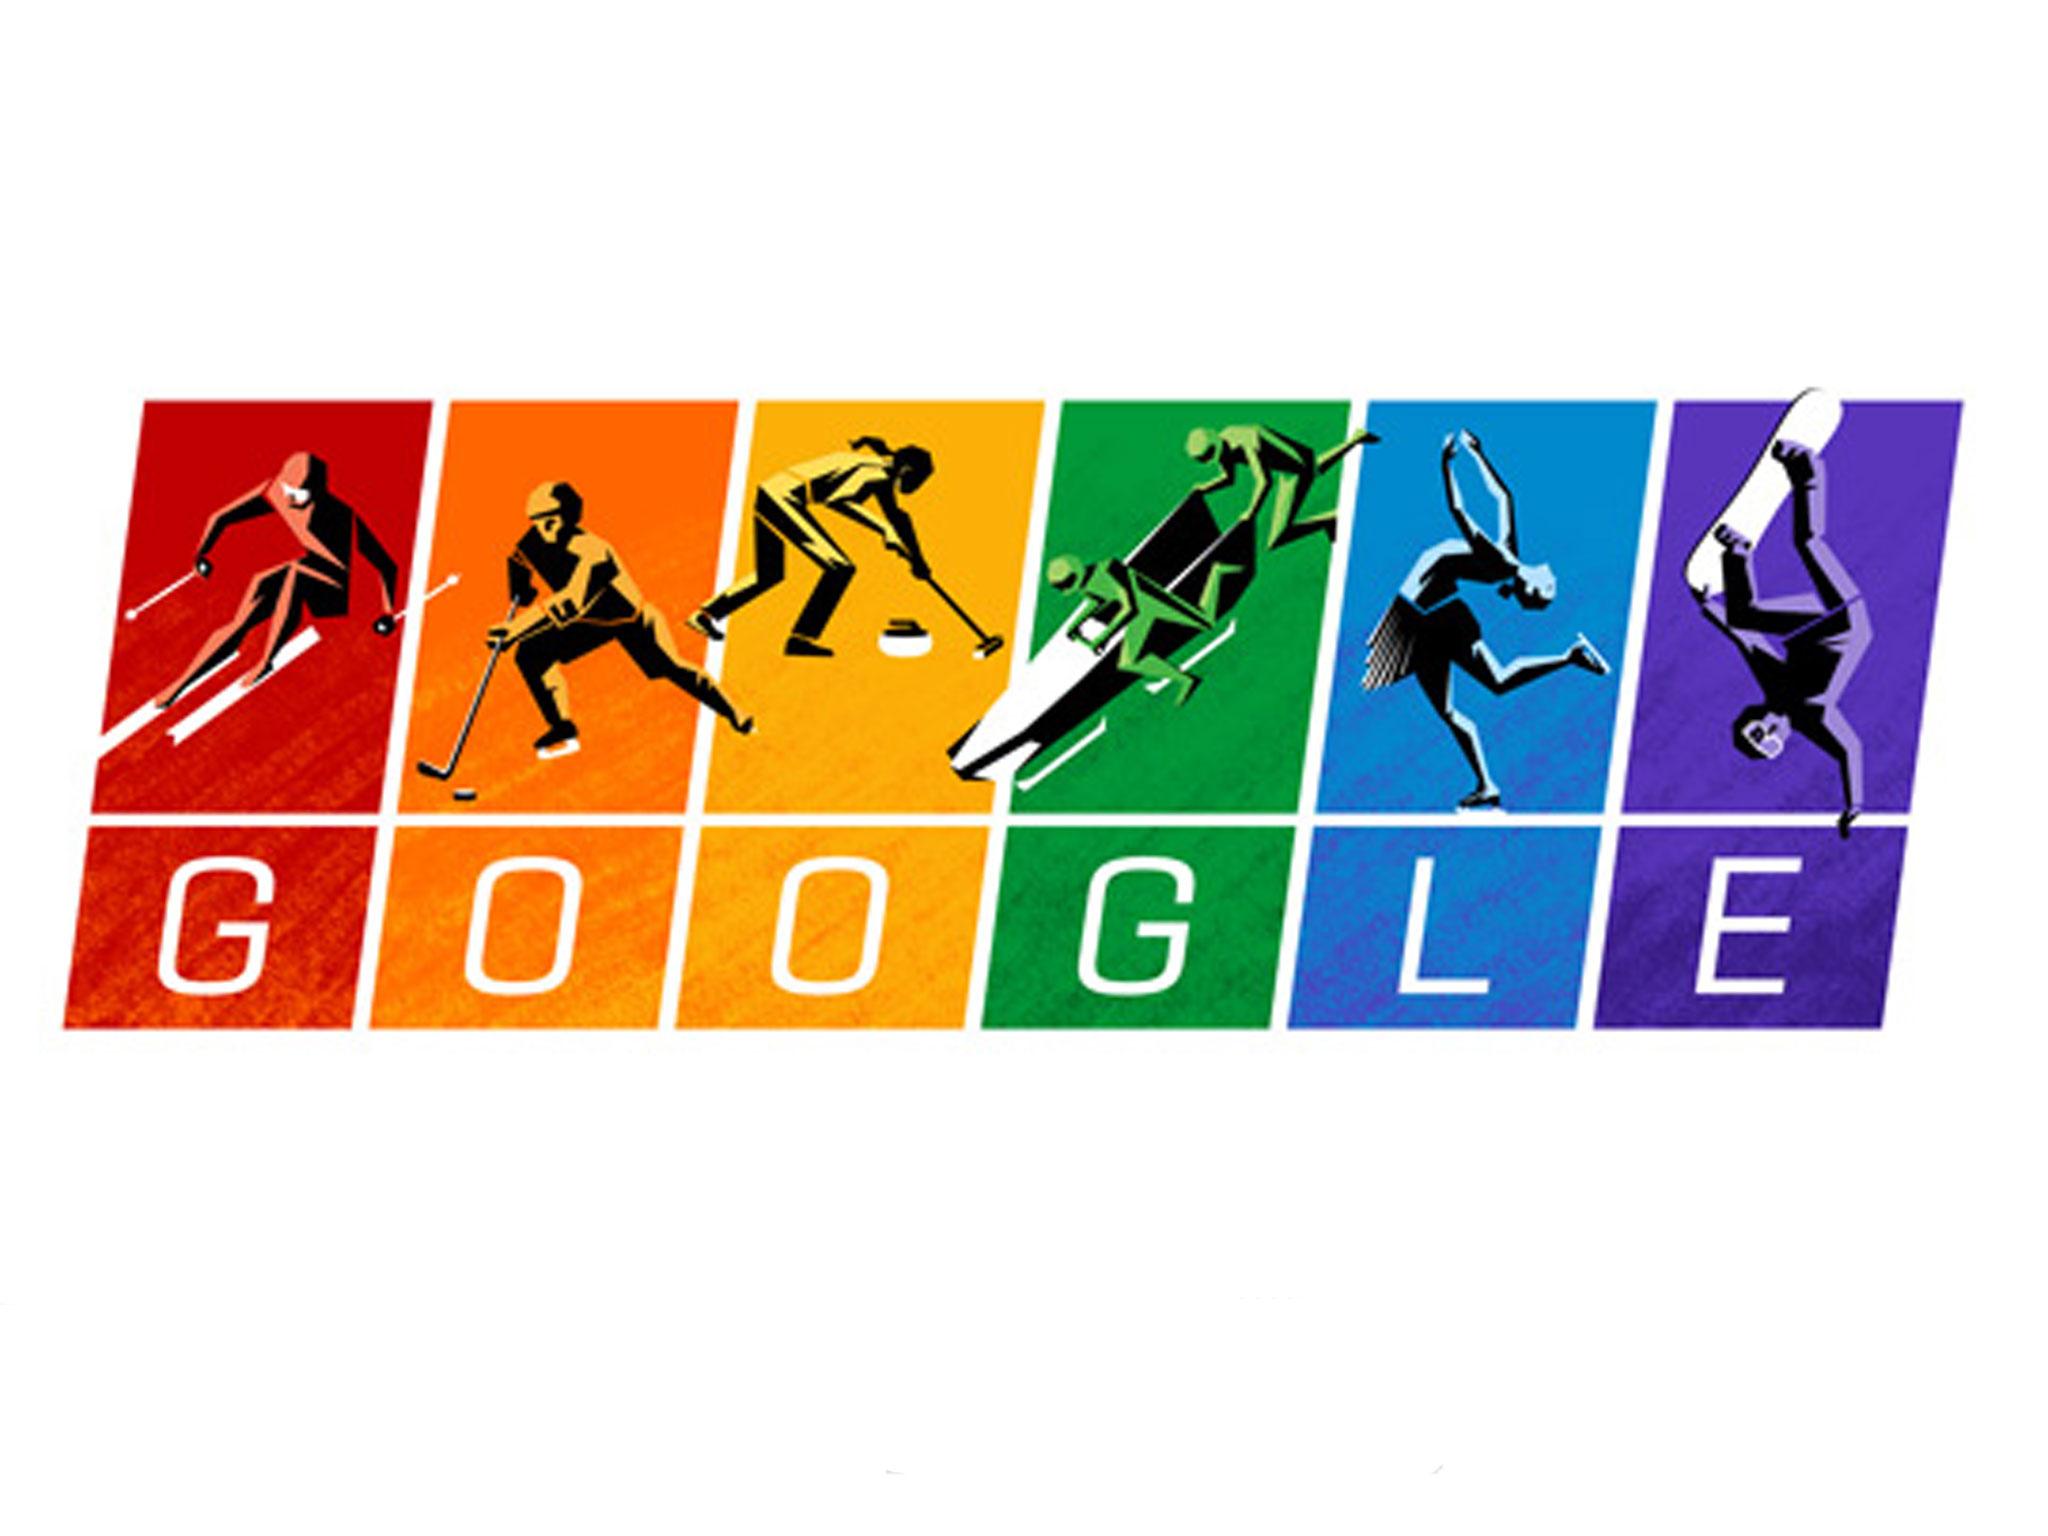 Mentre l'Europa muore, a Sochi c'è l'arcobaleno